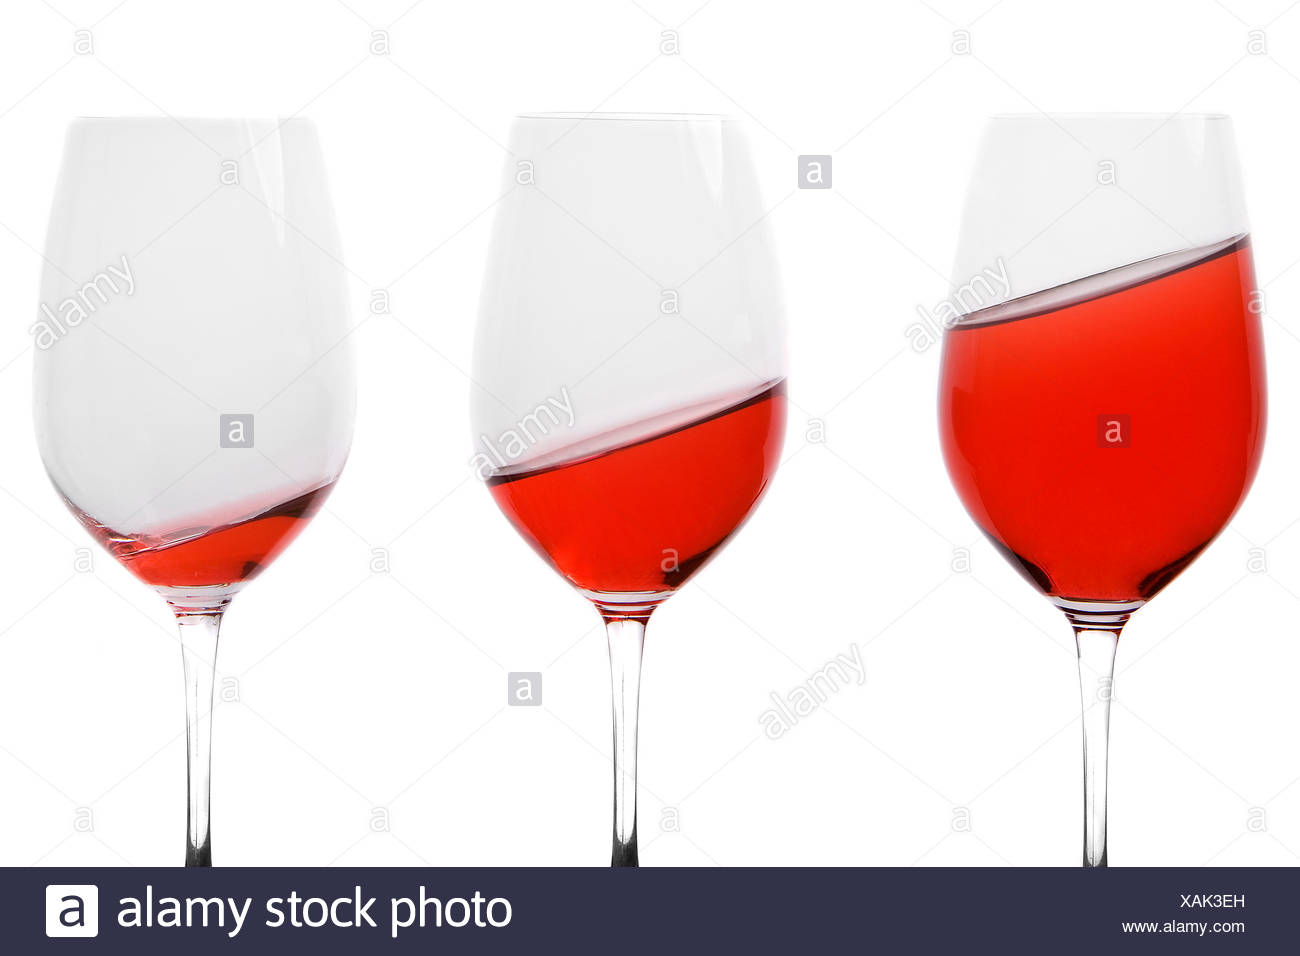 glasses skew oblique - Stock Image